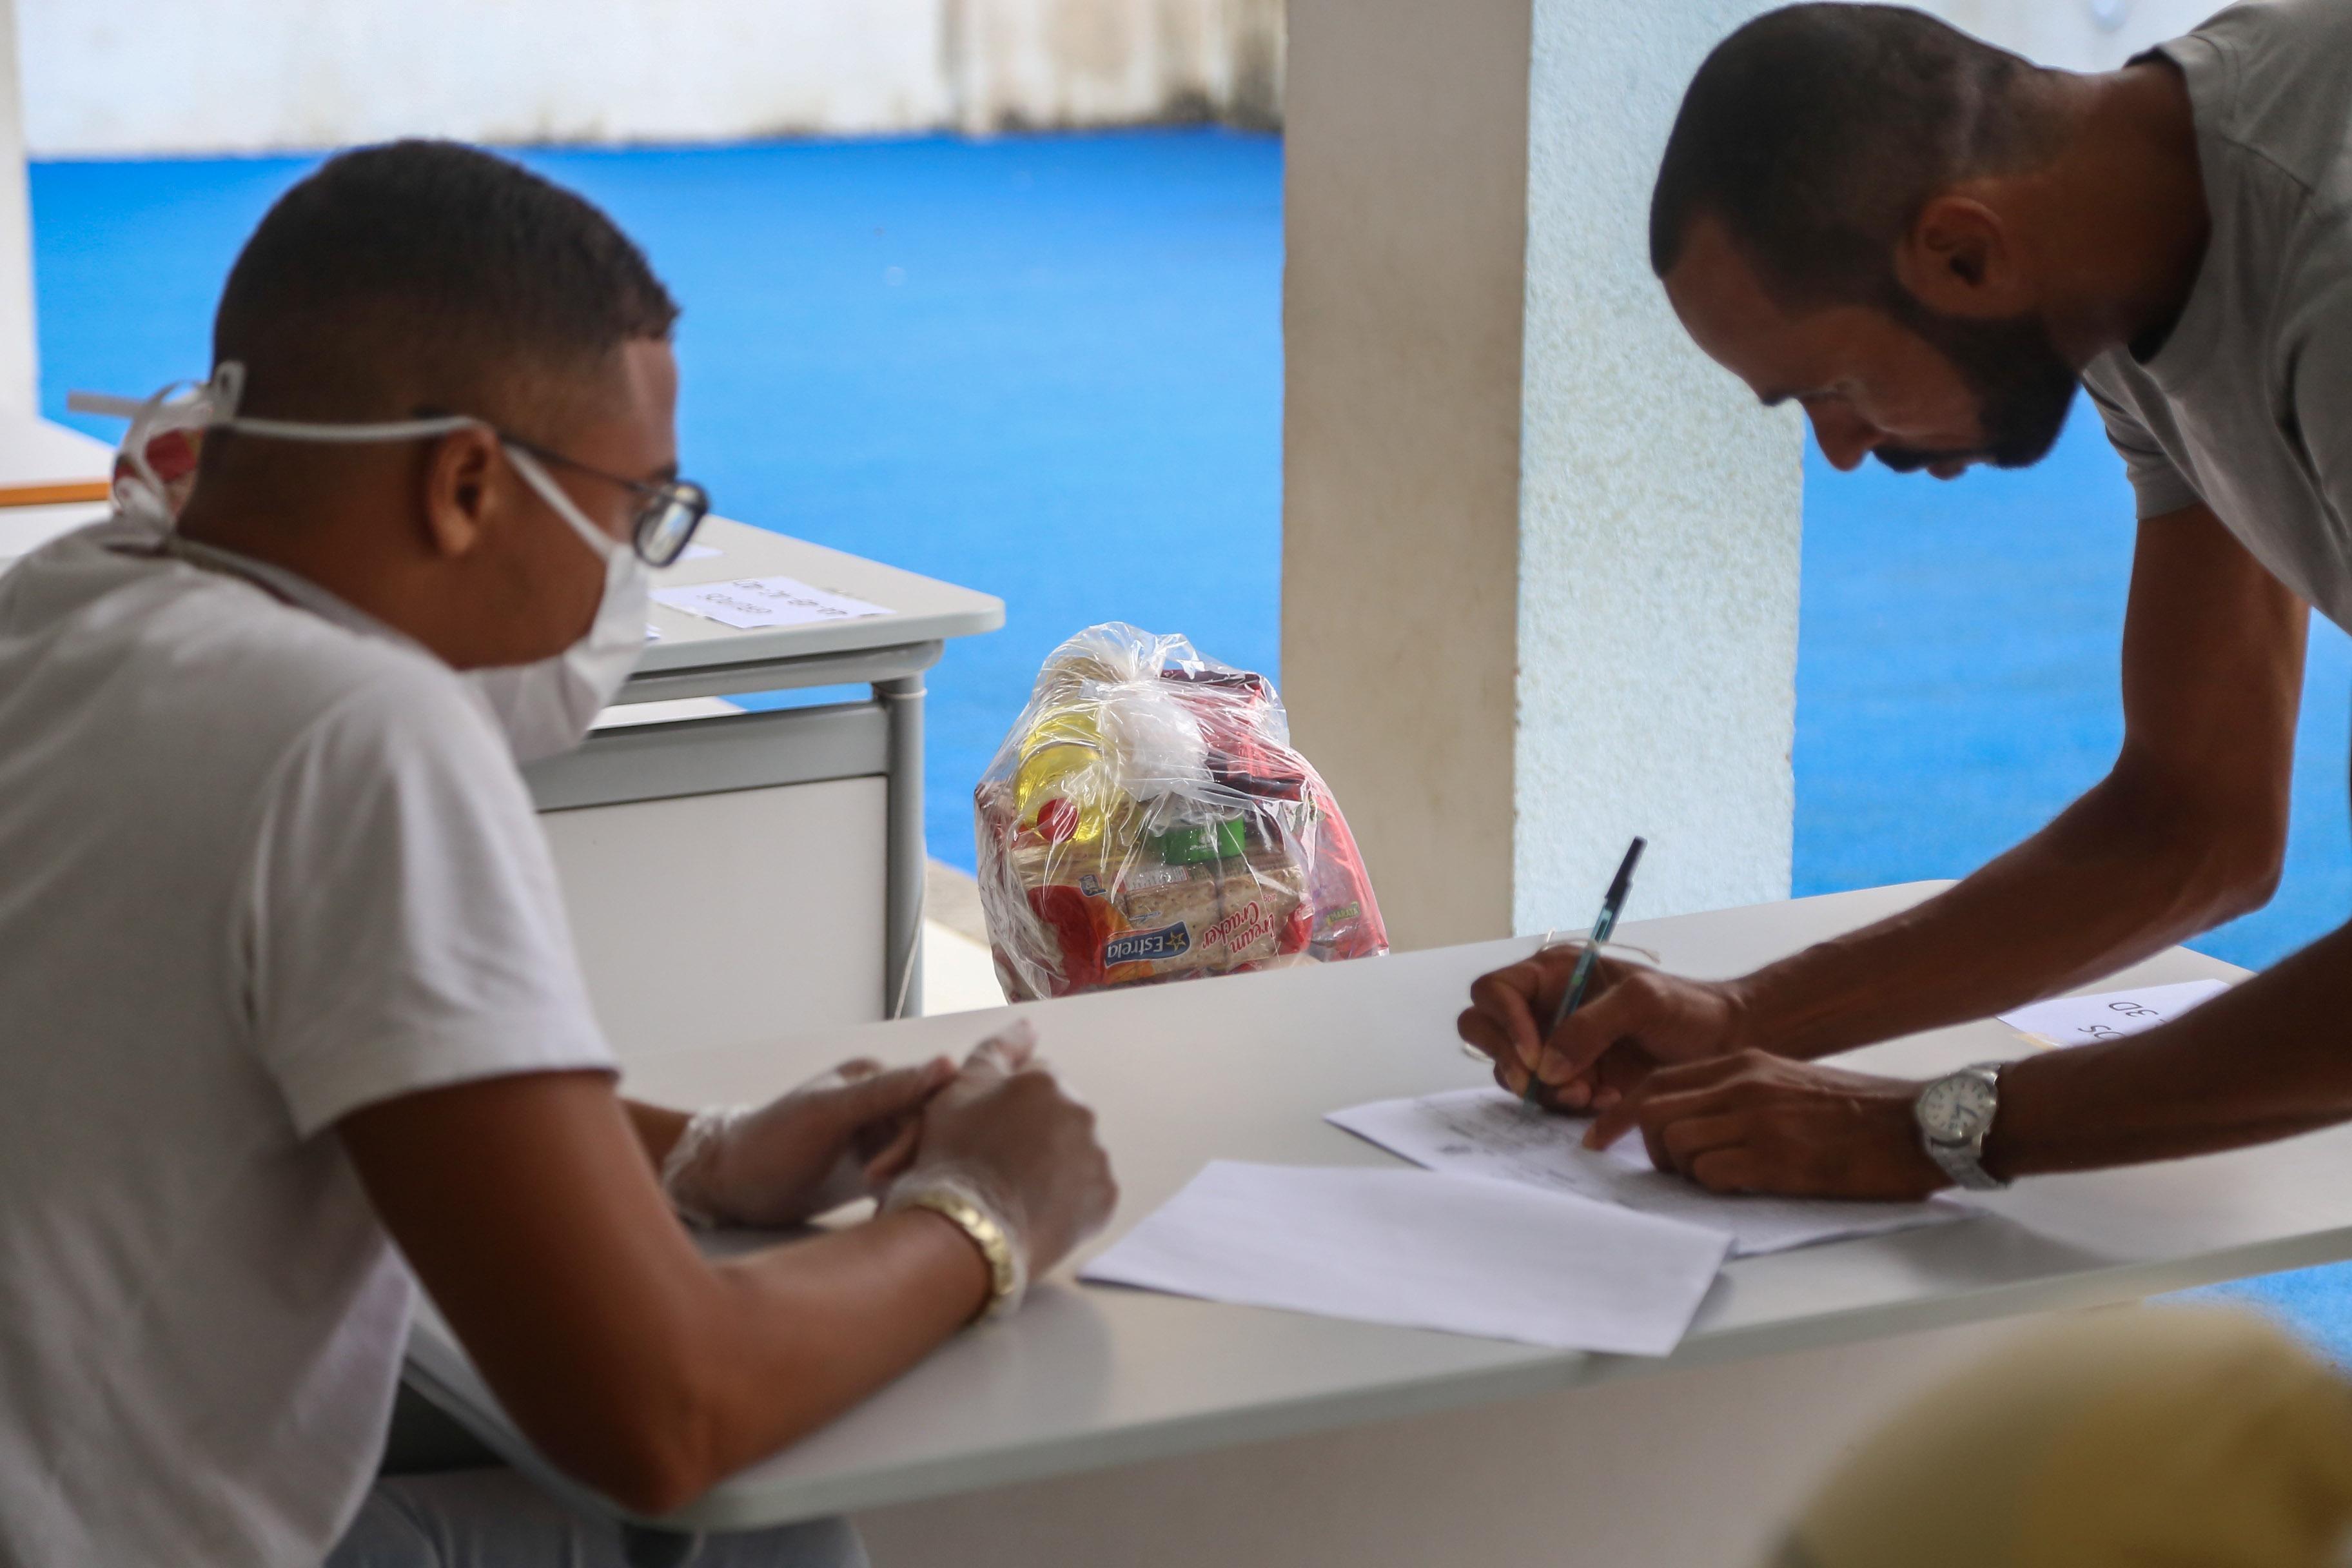 Entrega de cestas básicas para alunos da rede municipal de ensino de Salvador é adiada por causa da antecipação de feriados